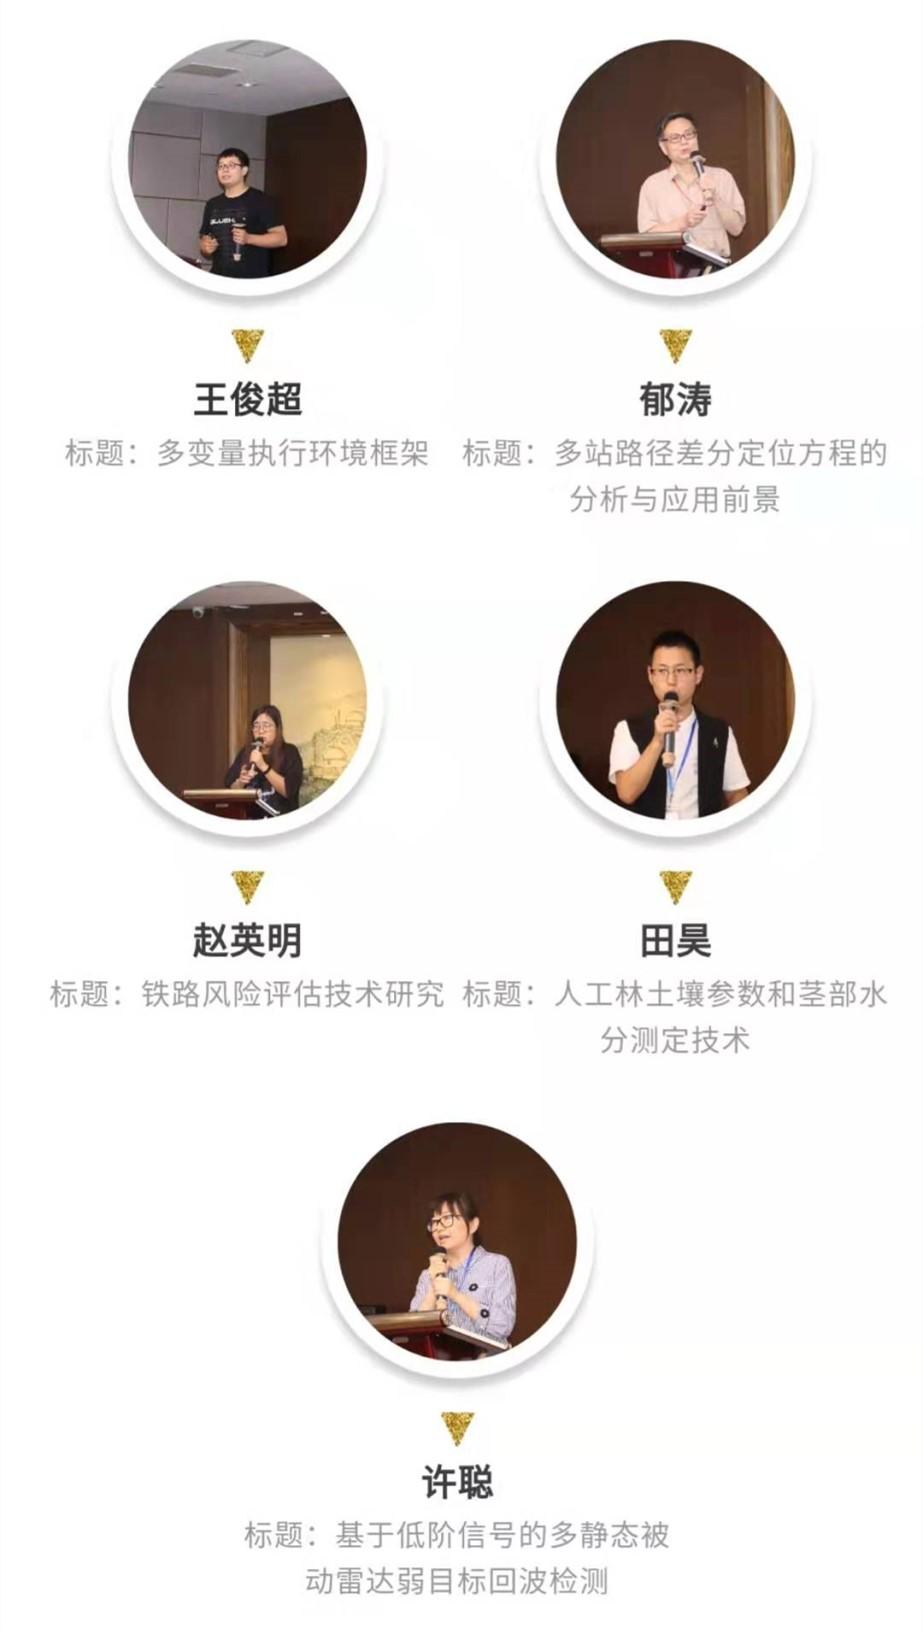 20190715新闻动态南京站21.jpg